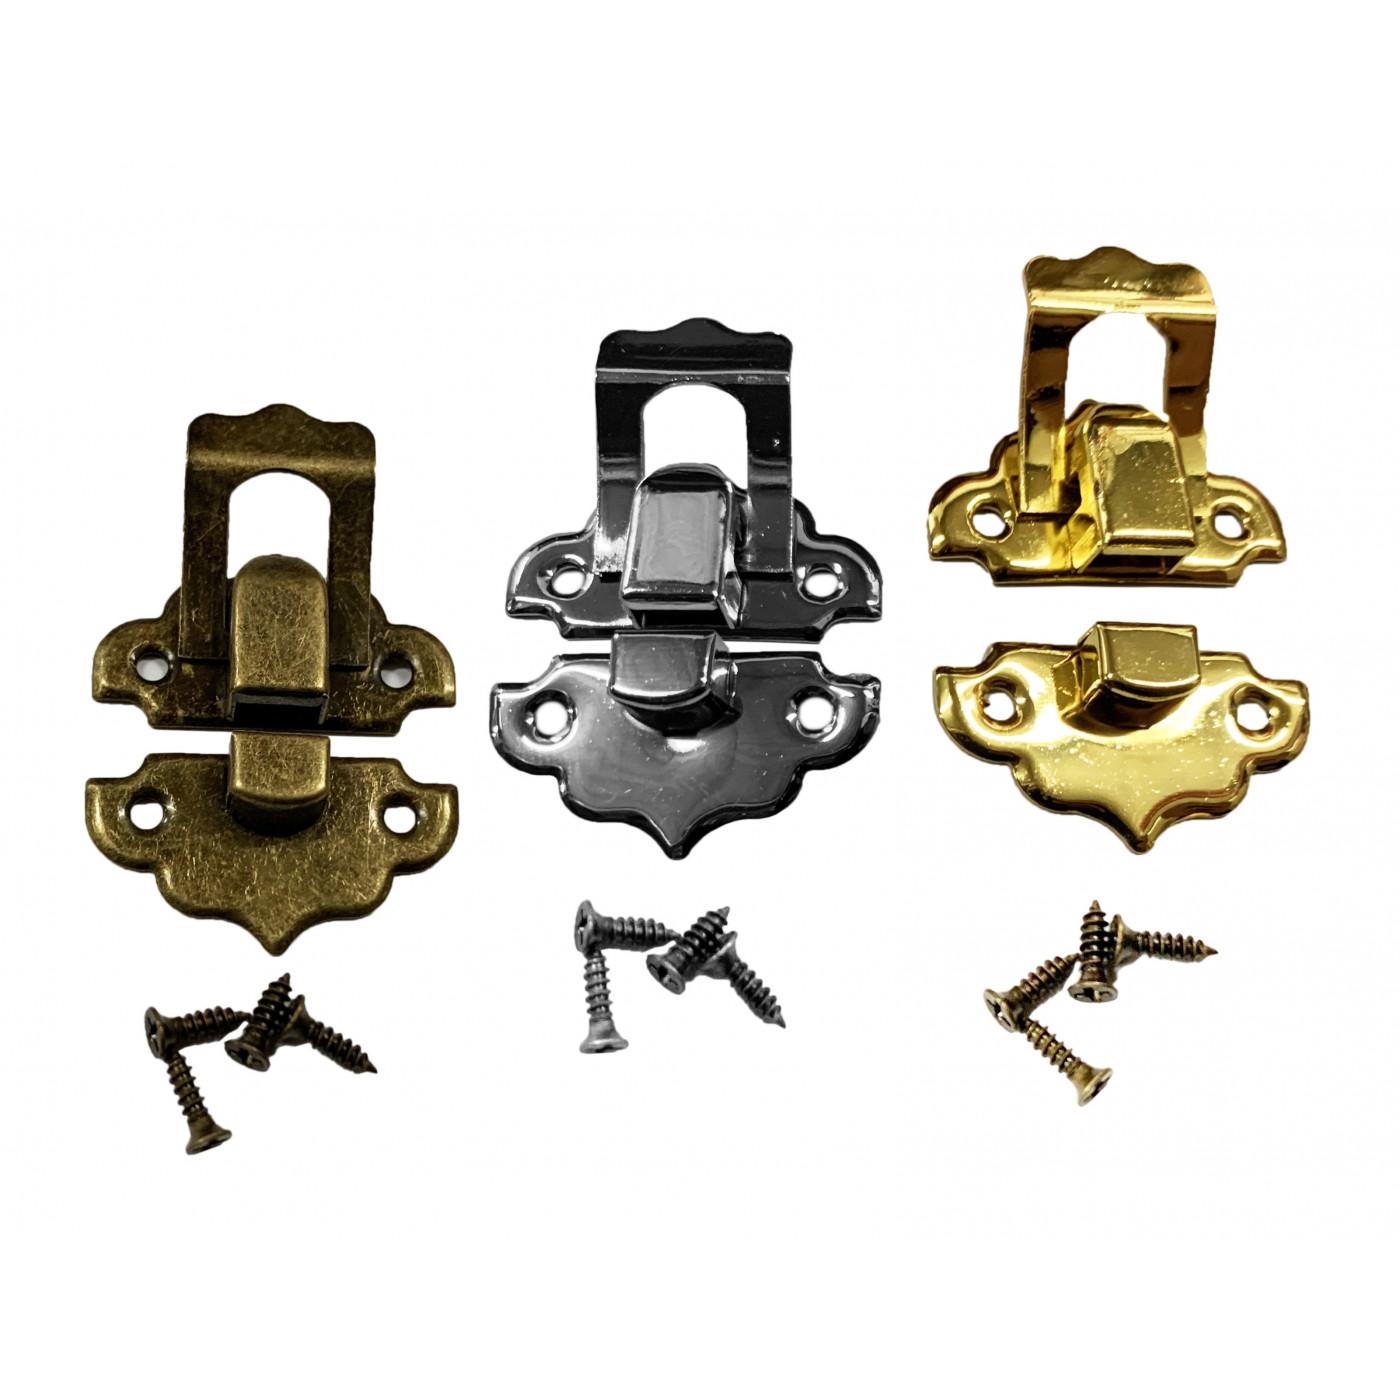 Set von 30 kleinen Metall-Retro-Boxschlössern (Farbe: Gold)  - 1